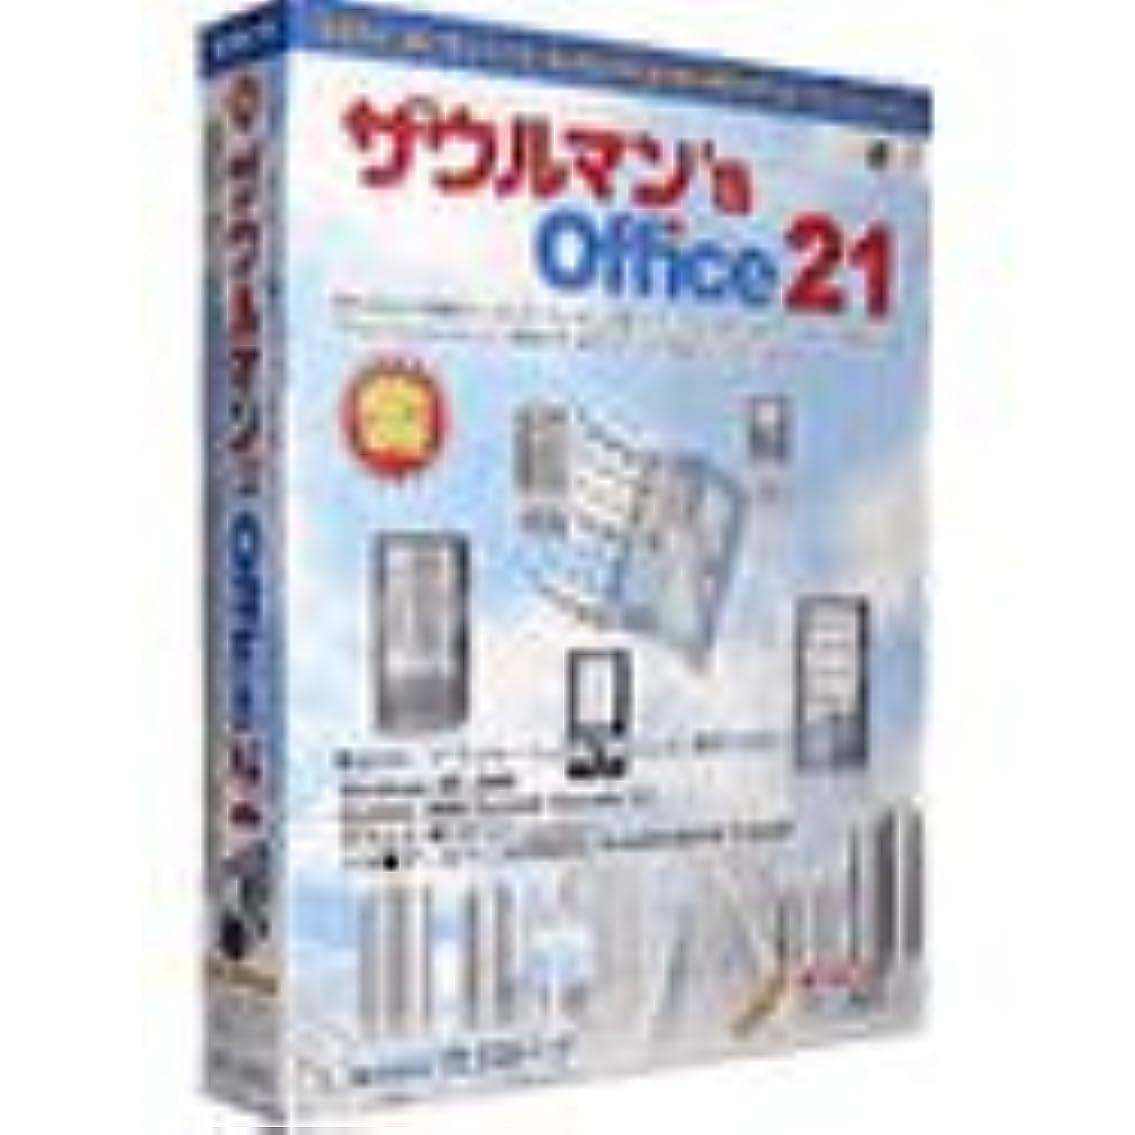 潜在的な伝える推測するザウルマン's Office 21